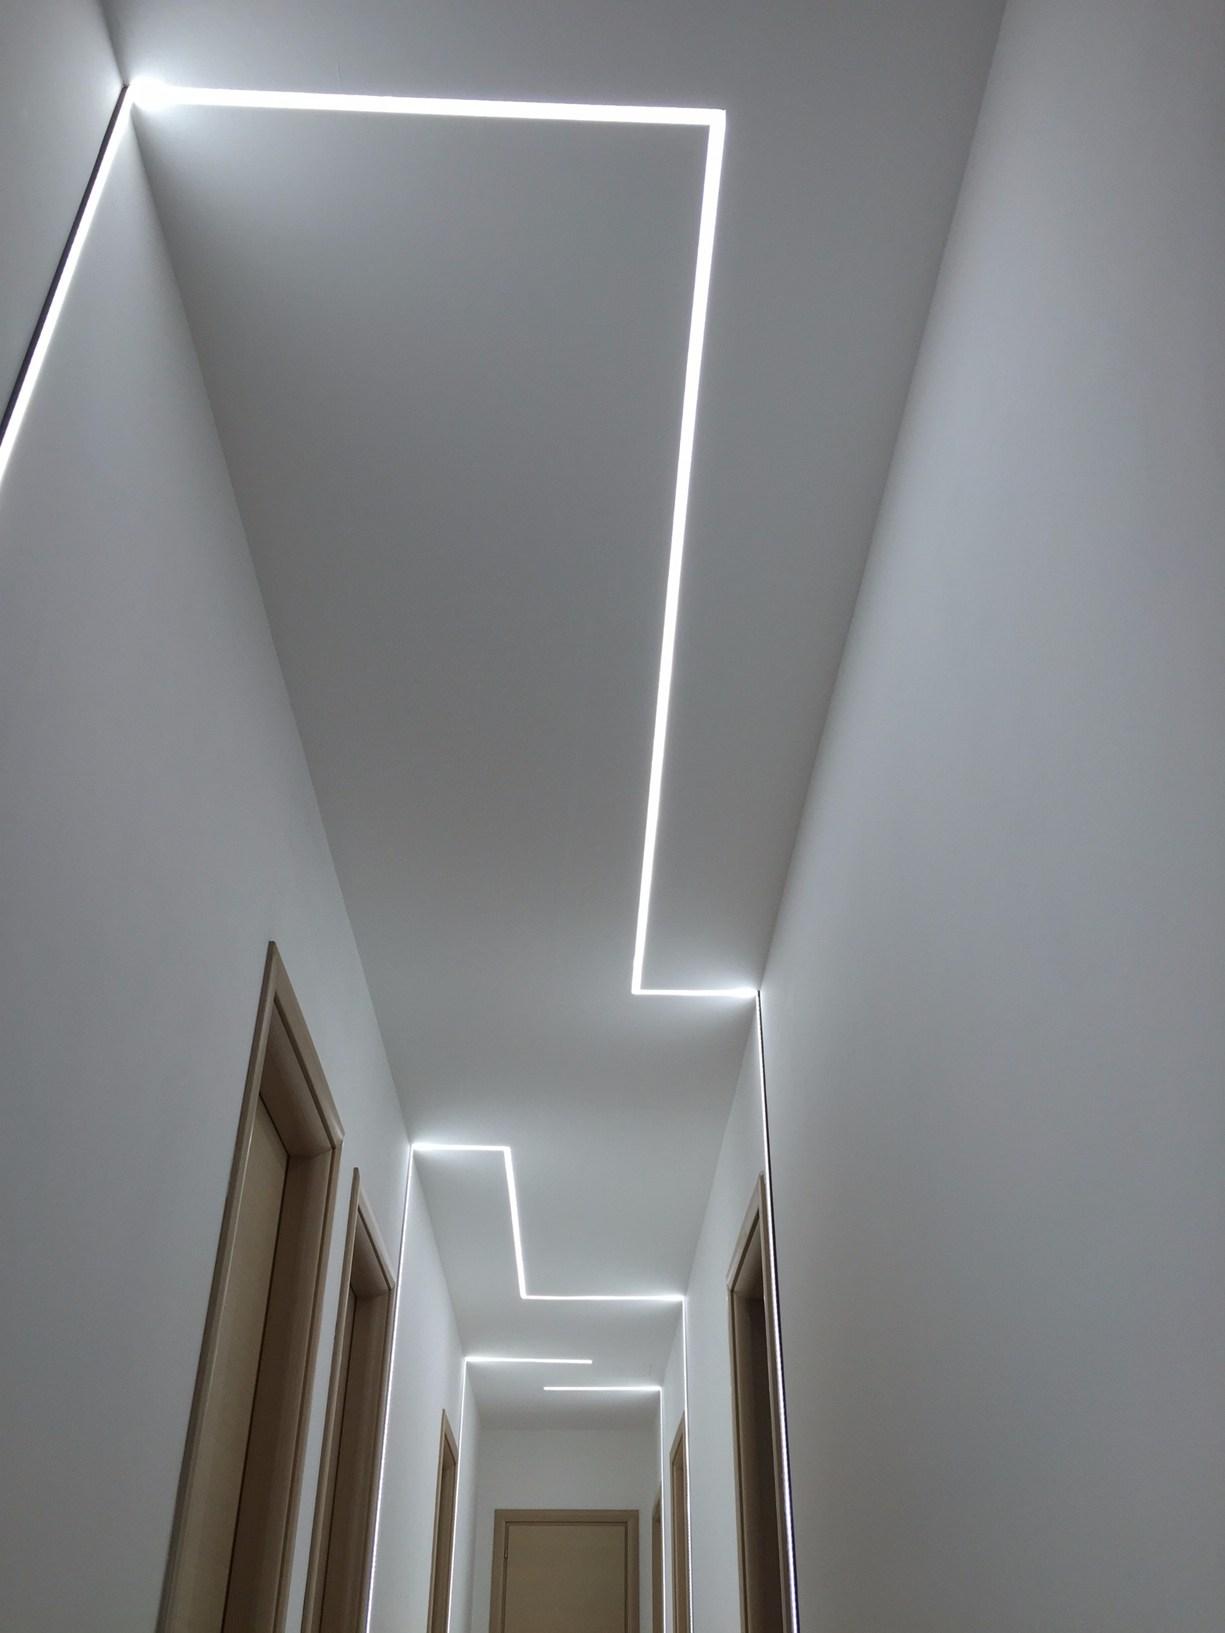 Be Next srl - soluzioni per il risparmio energetico - Illuminazione Fotovoltaico Termico Showroom